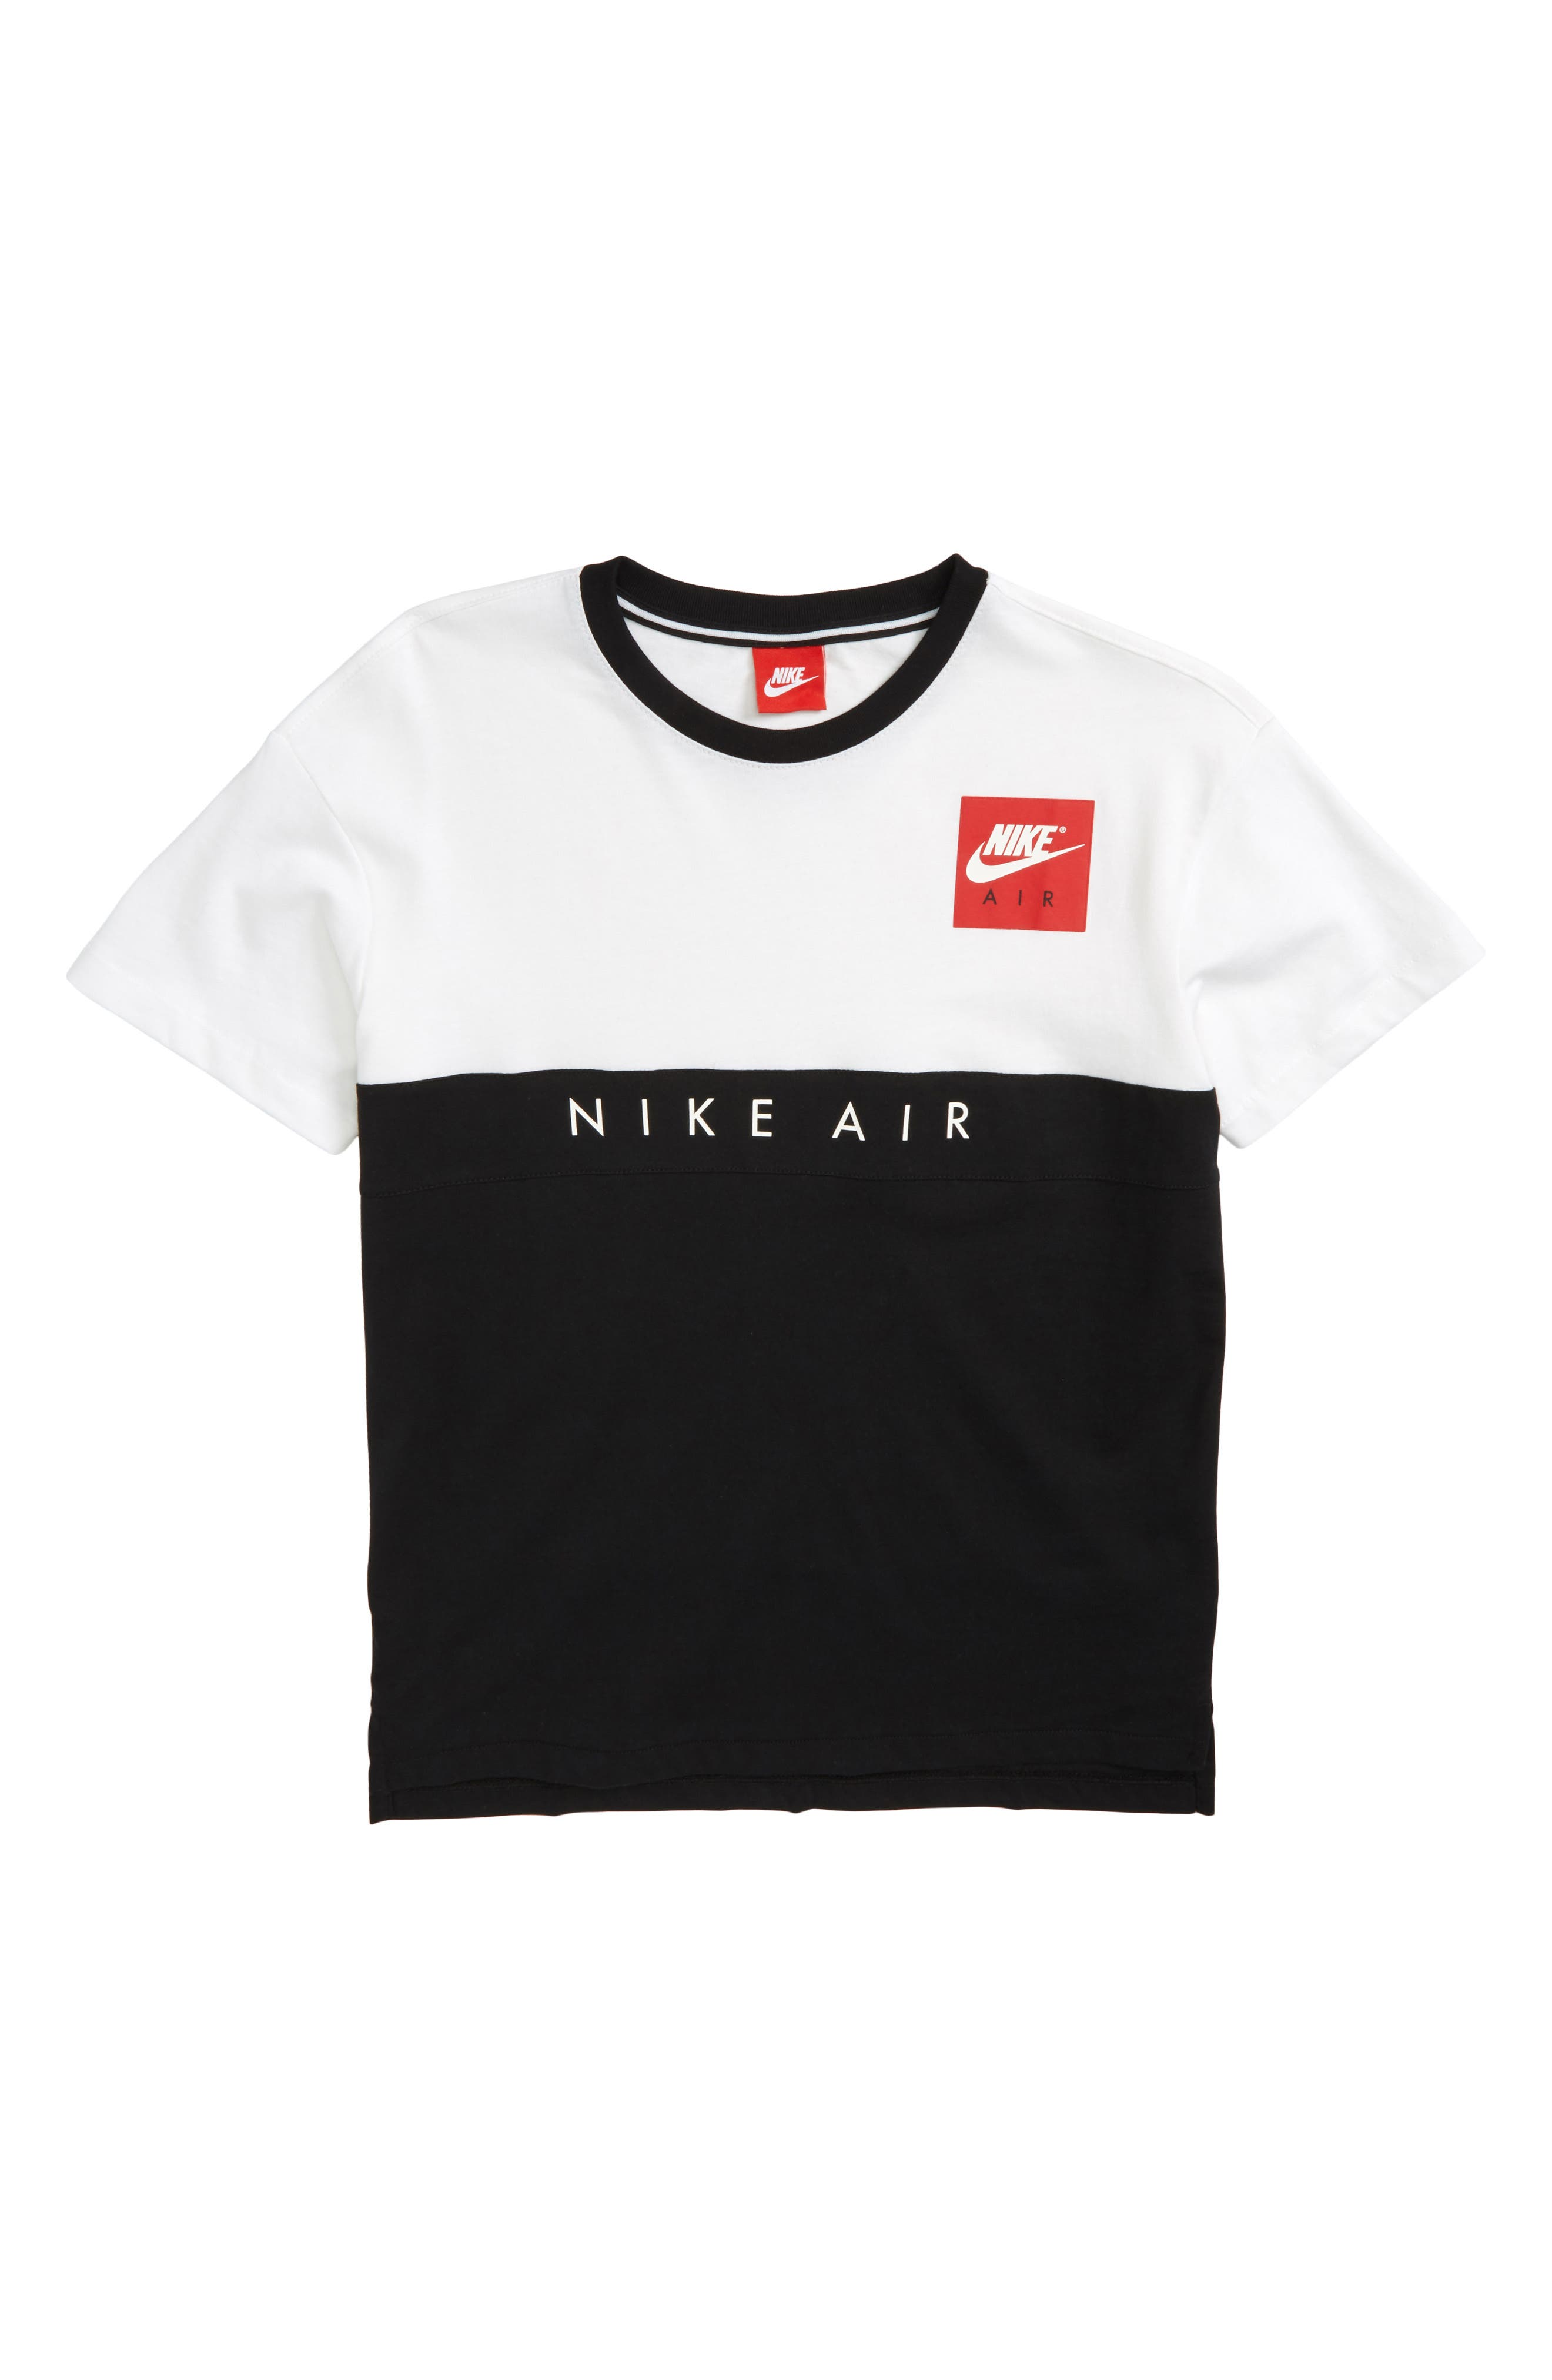 Air Shirt,                             Main thumbnail 1, color,                             White/ Black